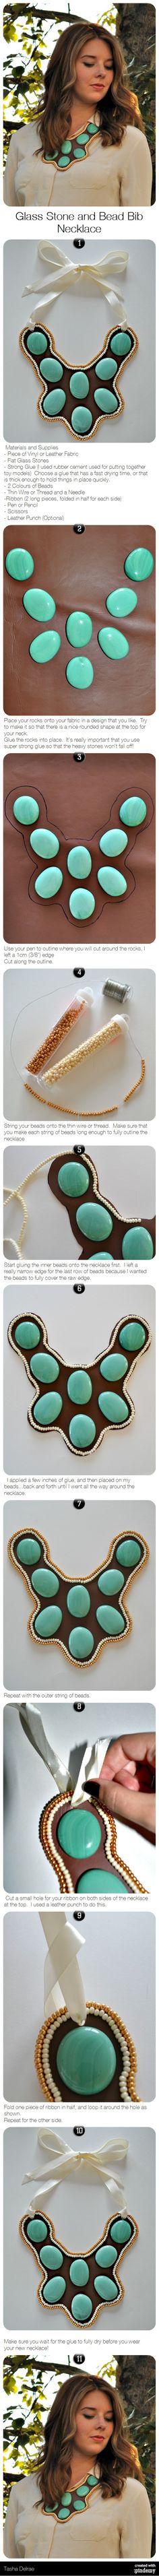 Glass Stone and Bead Bib Necklace via pindemy.com